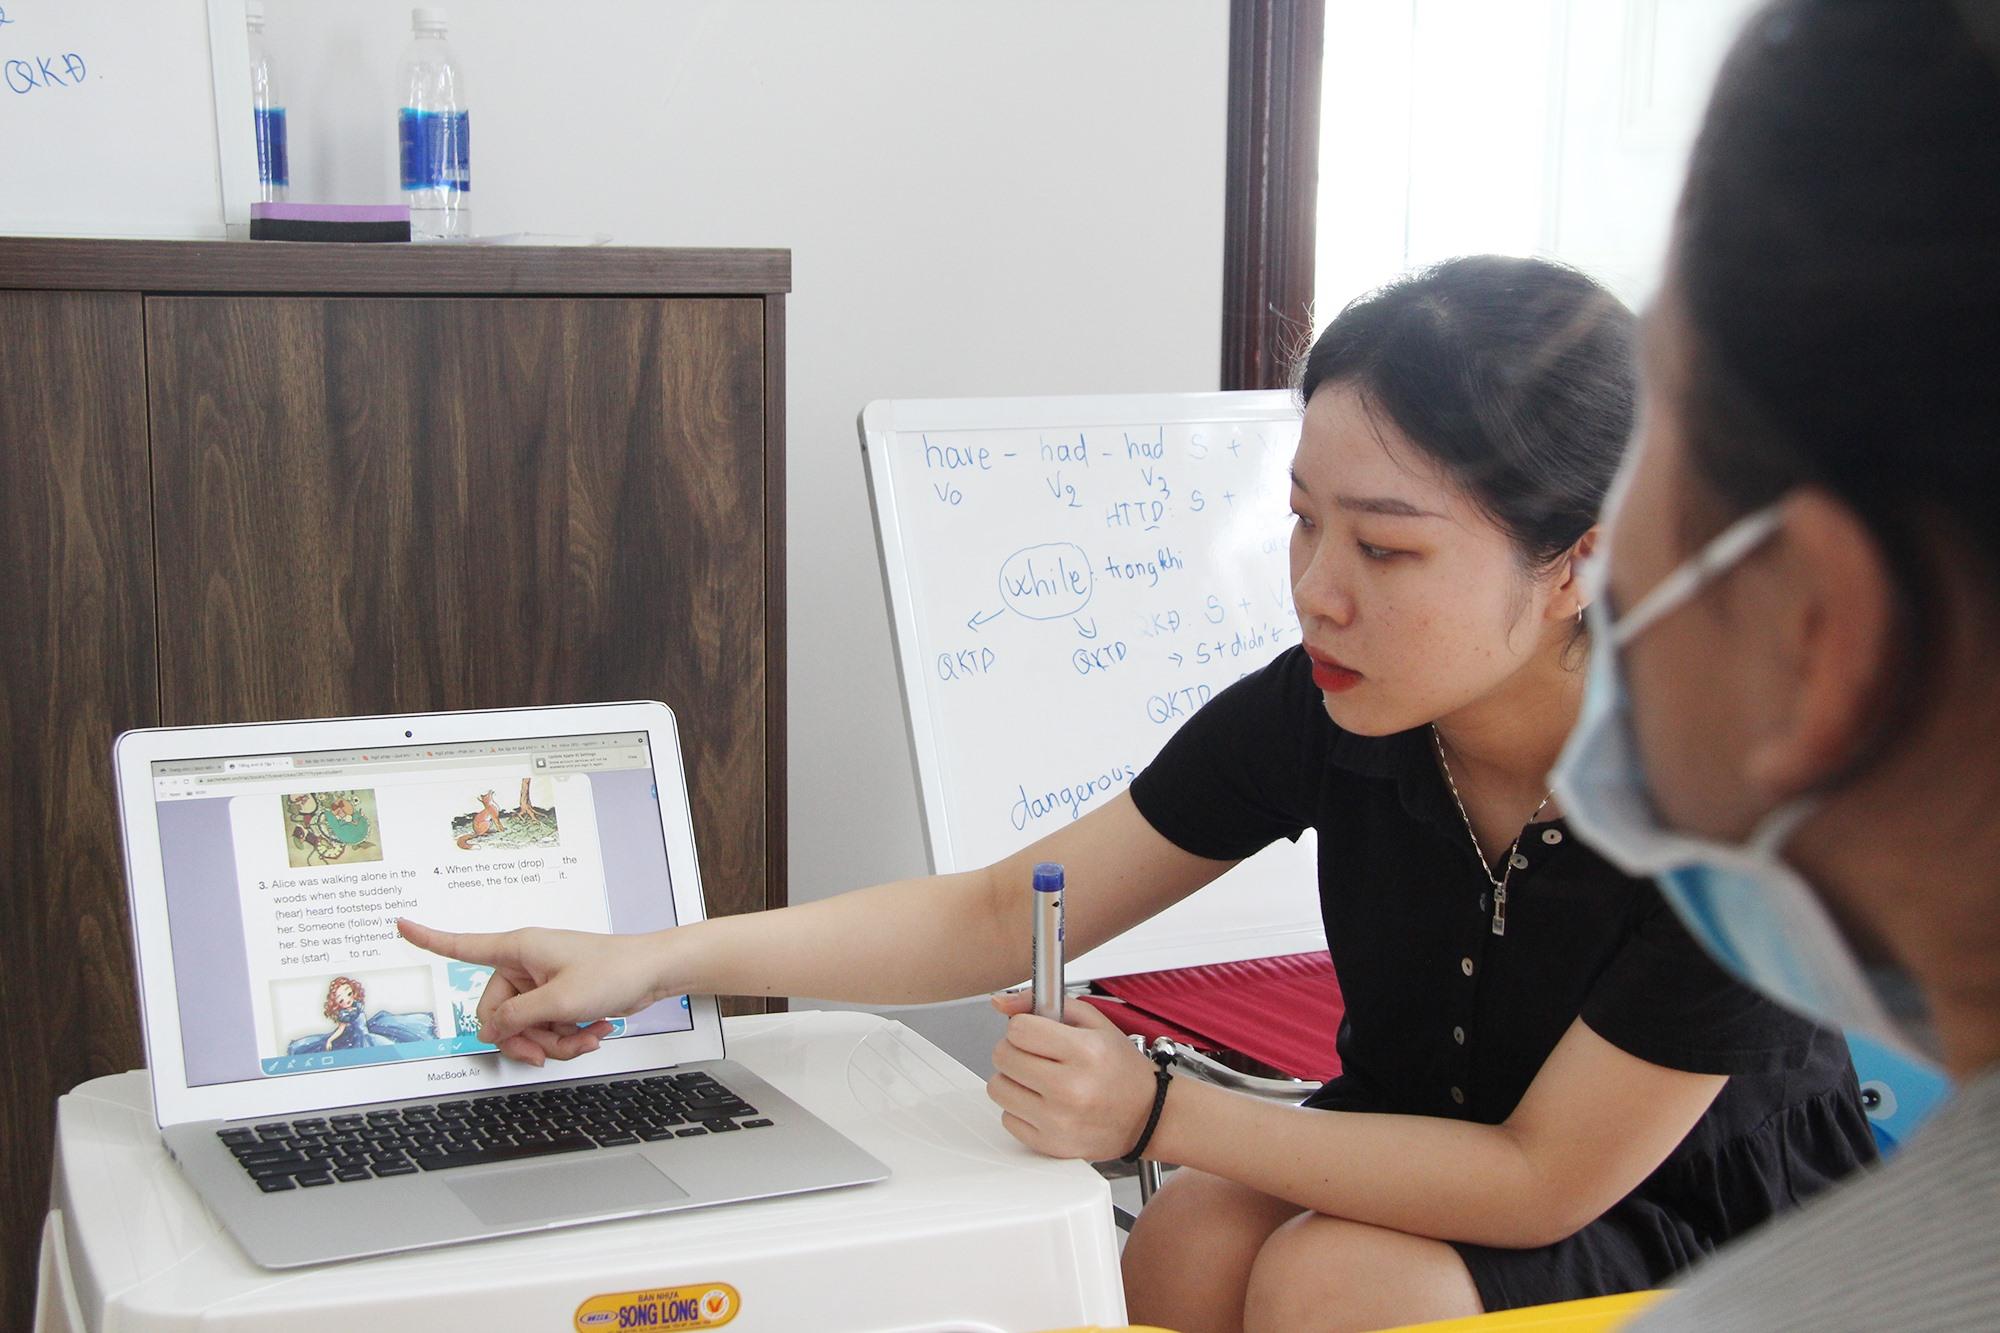 Trong quá trình dạy tiếng Anh, chị Trân lồng ghép các hình ảnh minh hoạ sinh động để học sinh nắm từ vựng tốt hơn. Ảnh: H.Q